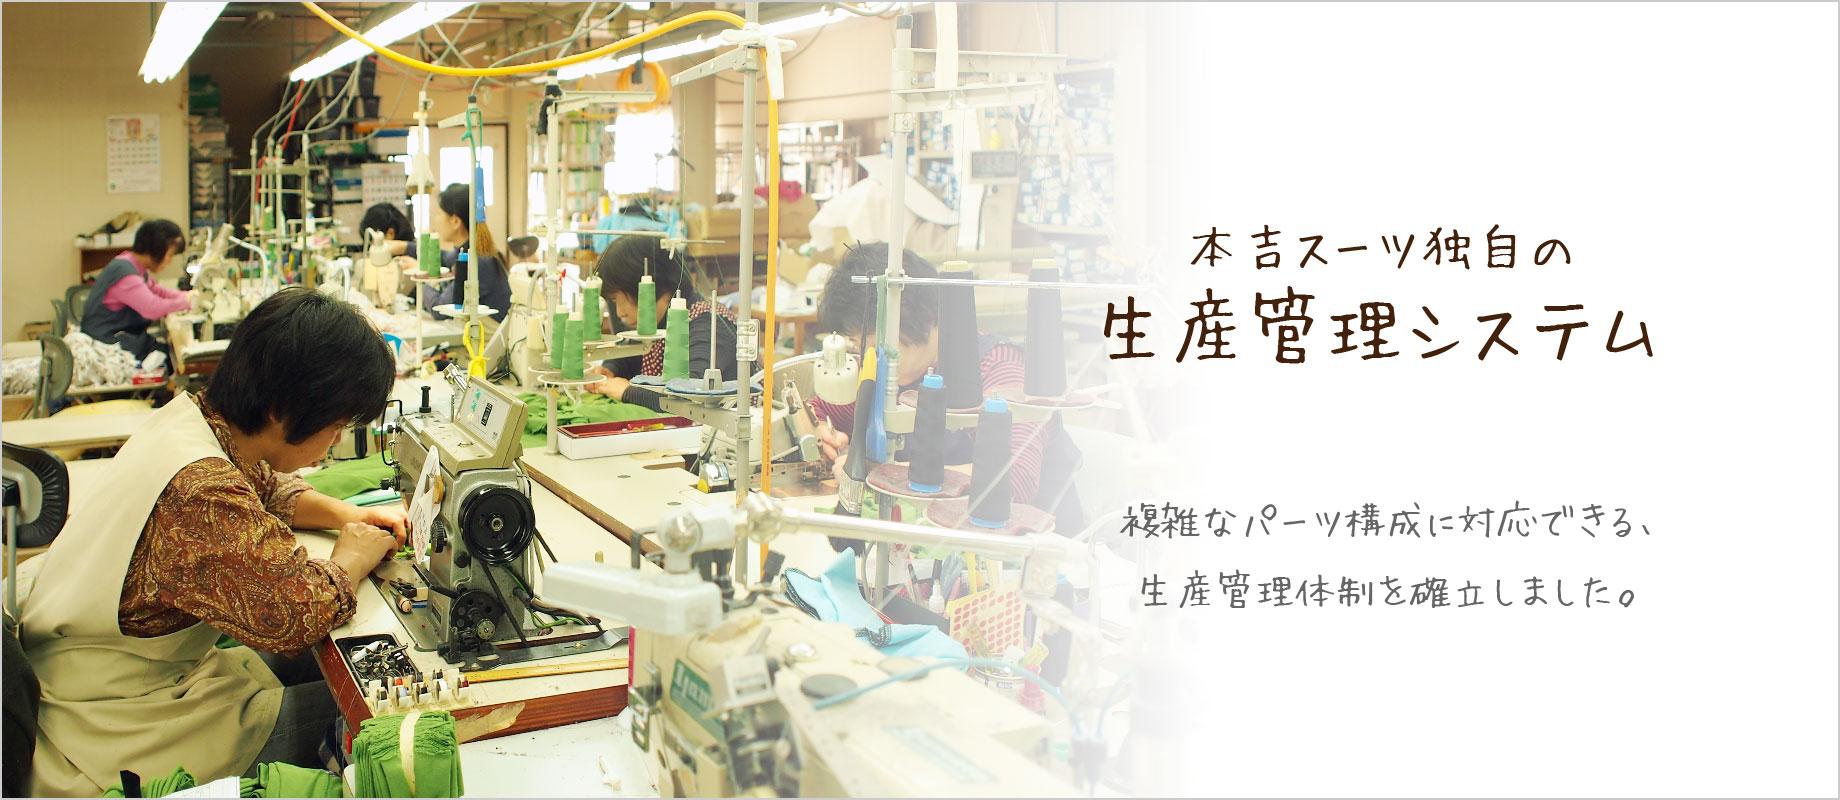 本吉スーツ独自の生産管理システム